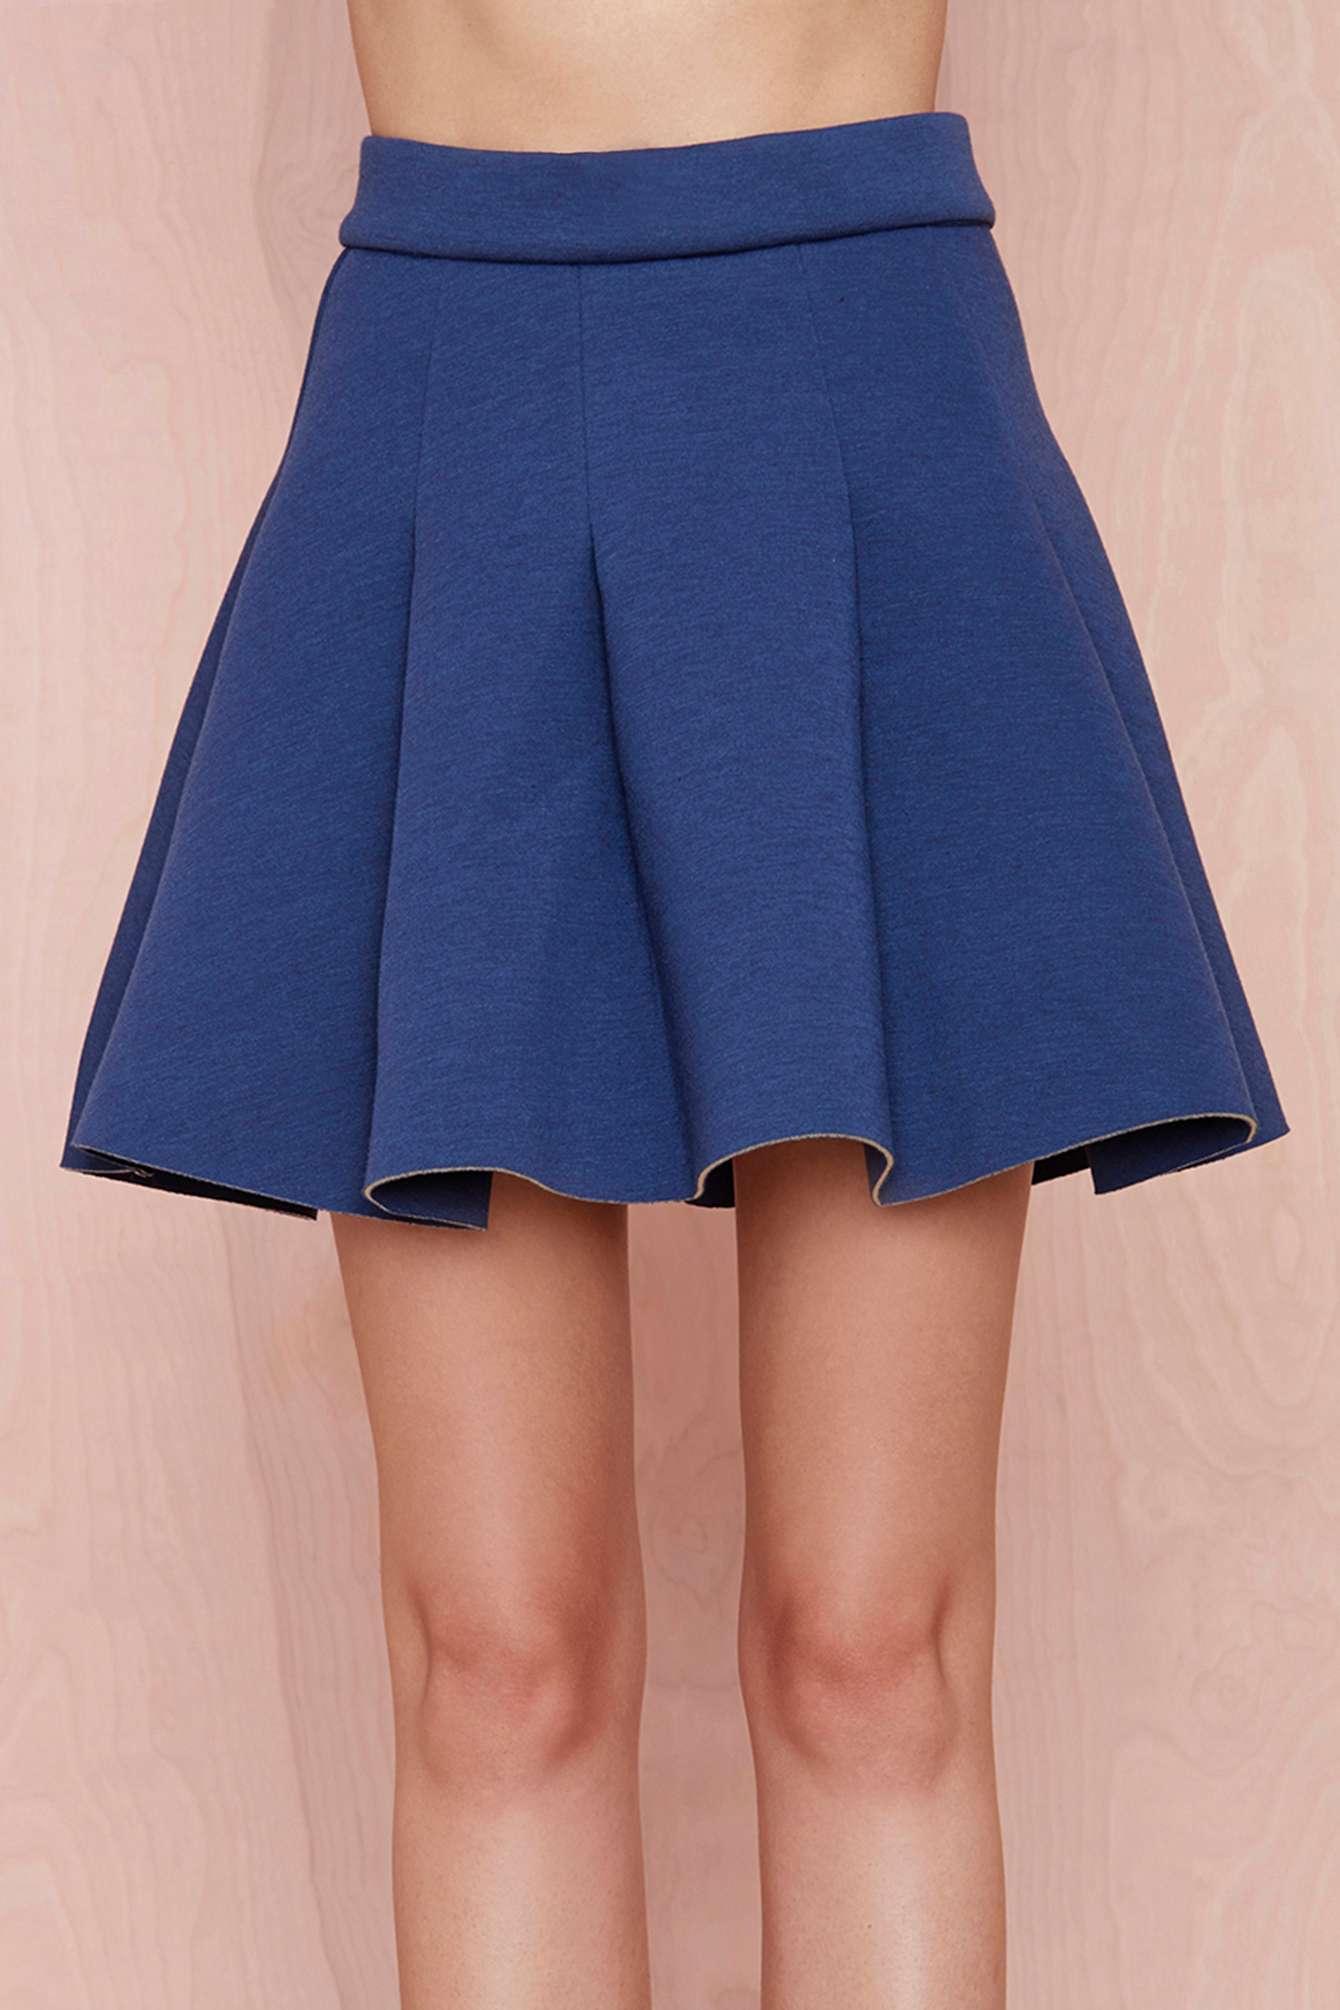 gal skater skirt navy in blue navy lyst